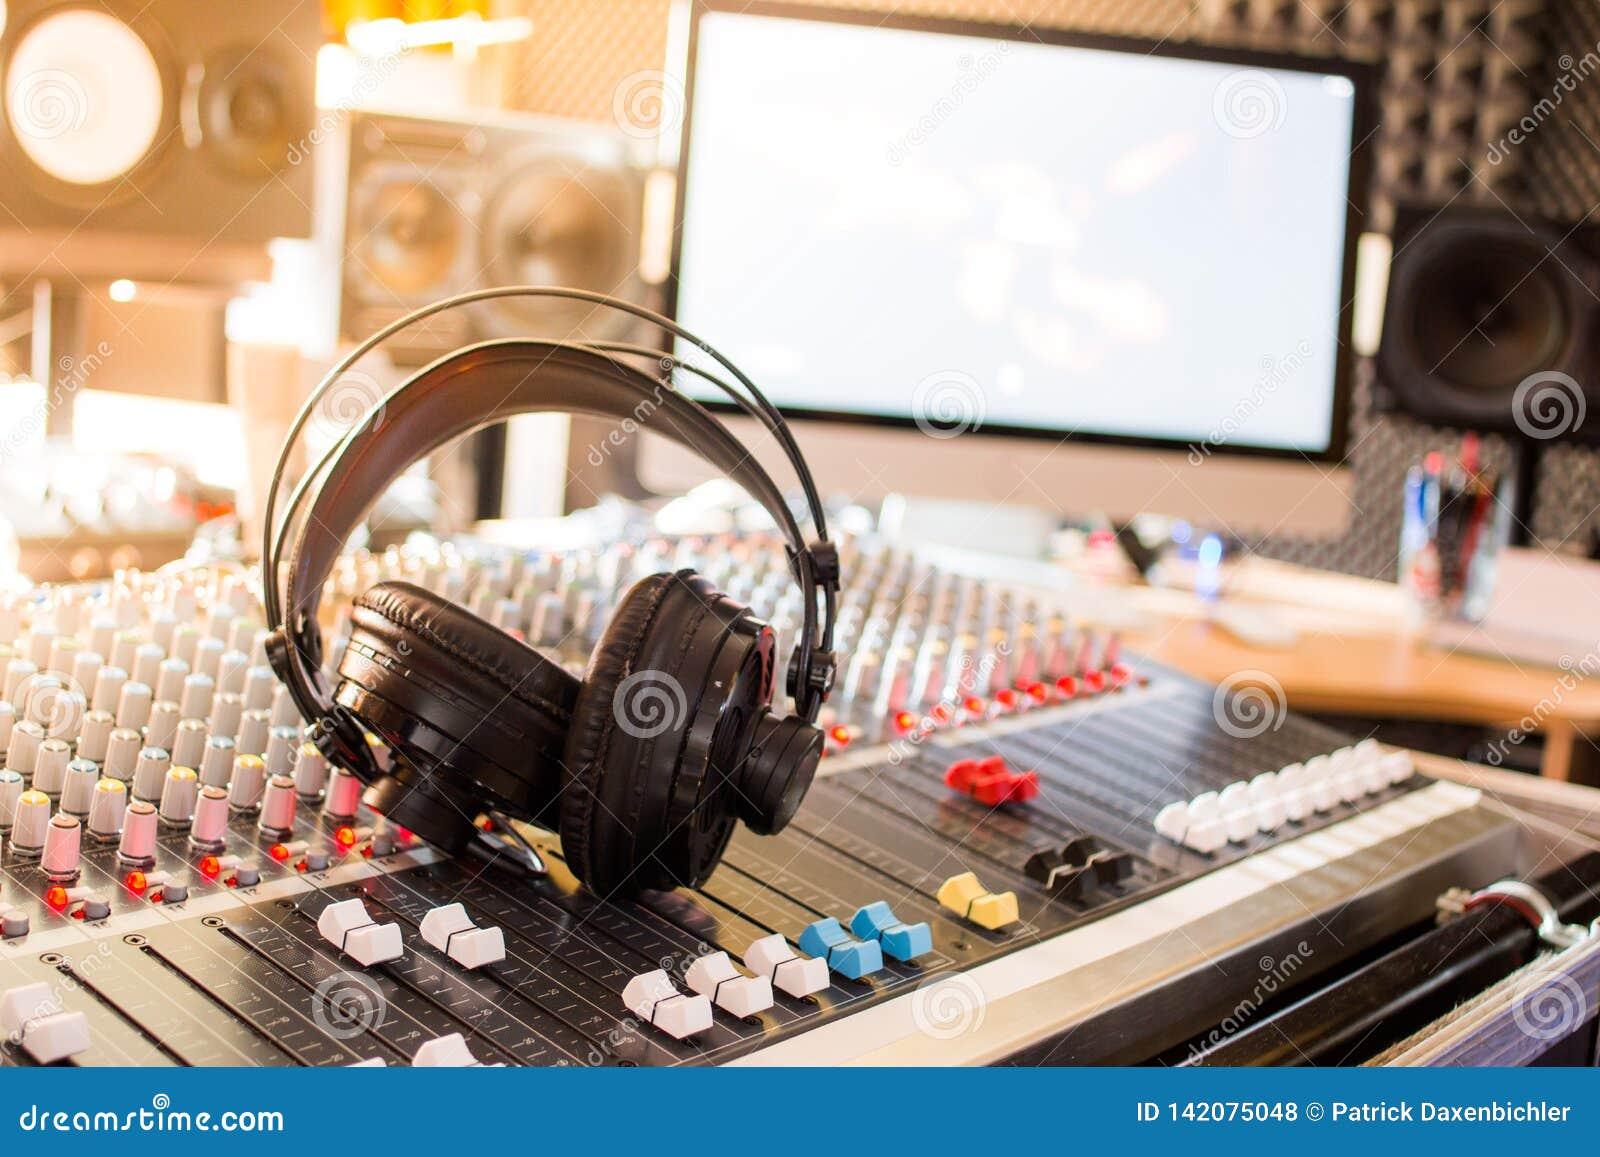 Estação de rádio: Fones de ouvido em uma mesa do misturador em um estúdio de gravação sonora profissional